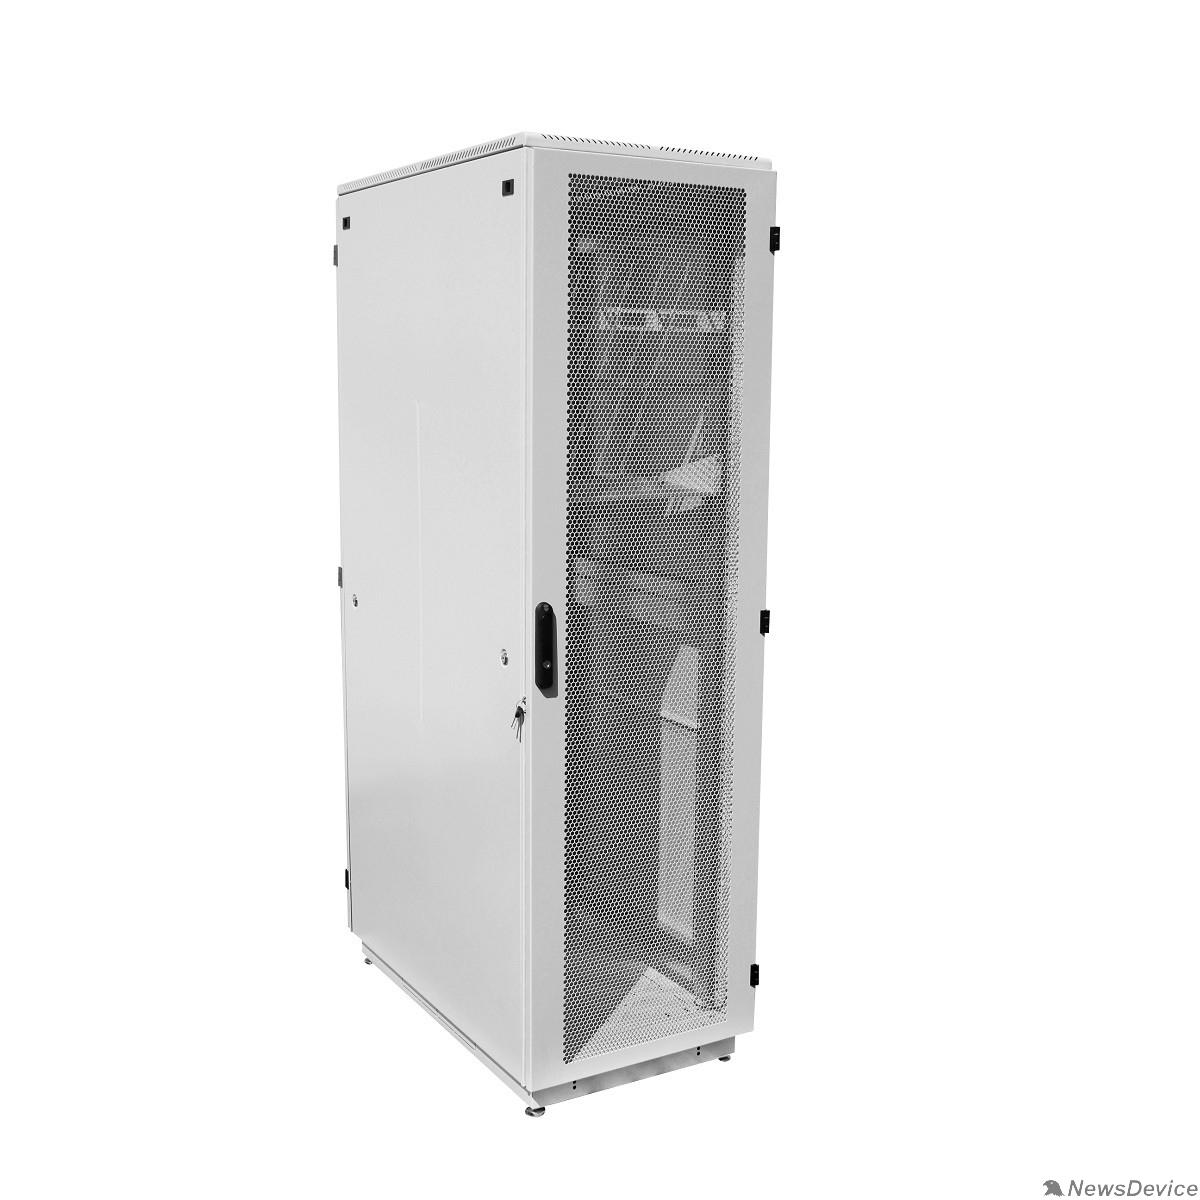 Монтажное оборудование ЦМО Шкаф телекоммуникационный напольный 38U (600x800) дверь перфорированная (ШТК-М-38.6.8-4ААА) (3 коробки)